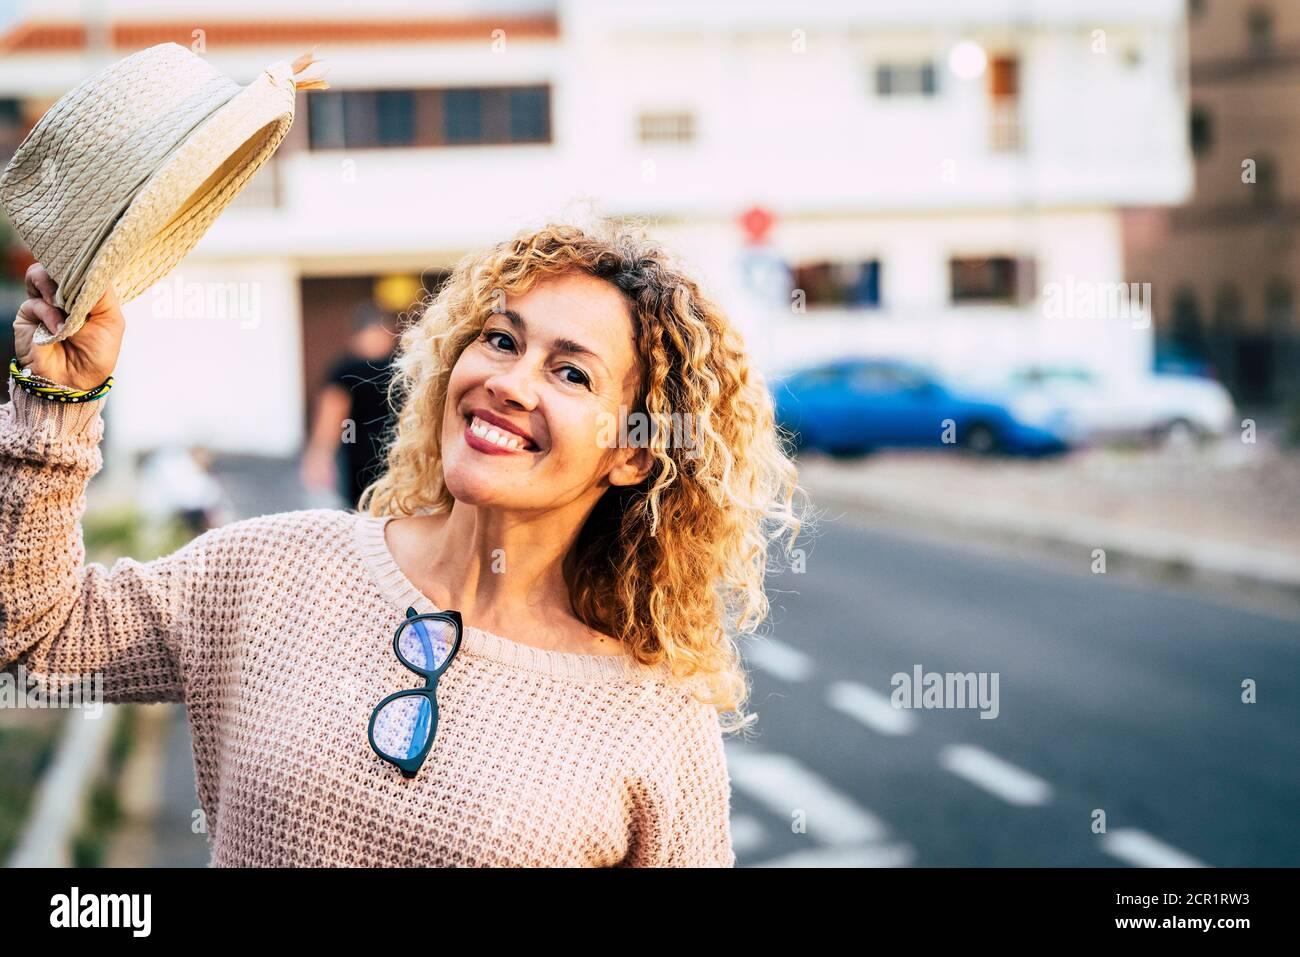 Allegro adulto caucasico gente felice donna ritratto con città urbano sfondo - gente gioiosa in attività di svago all'aperto durante il giorno di vita reale Foto Stock